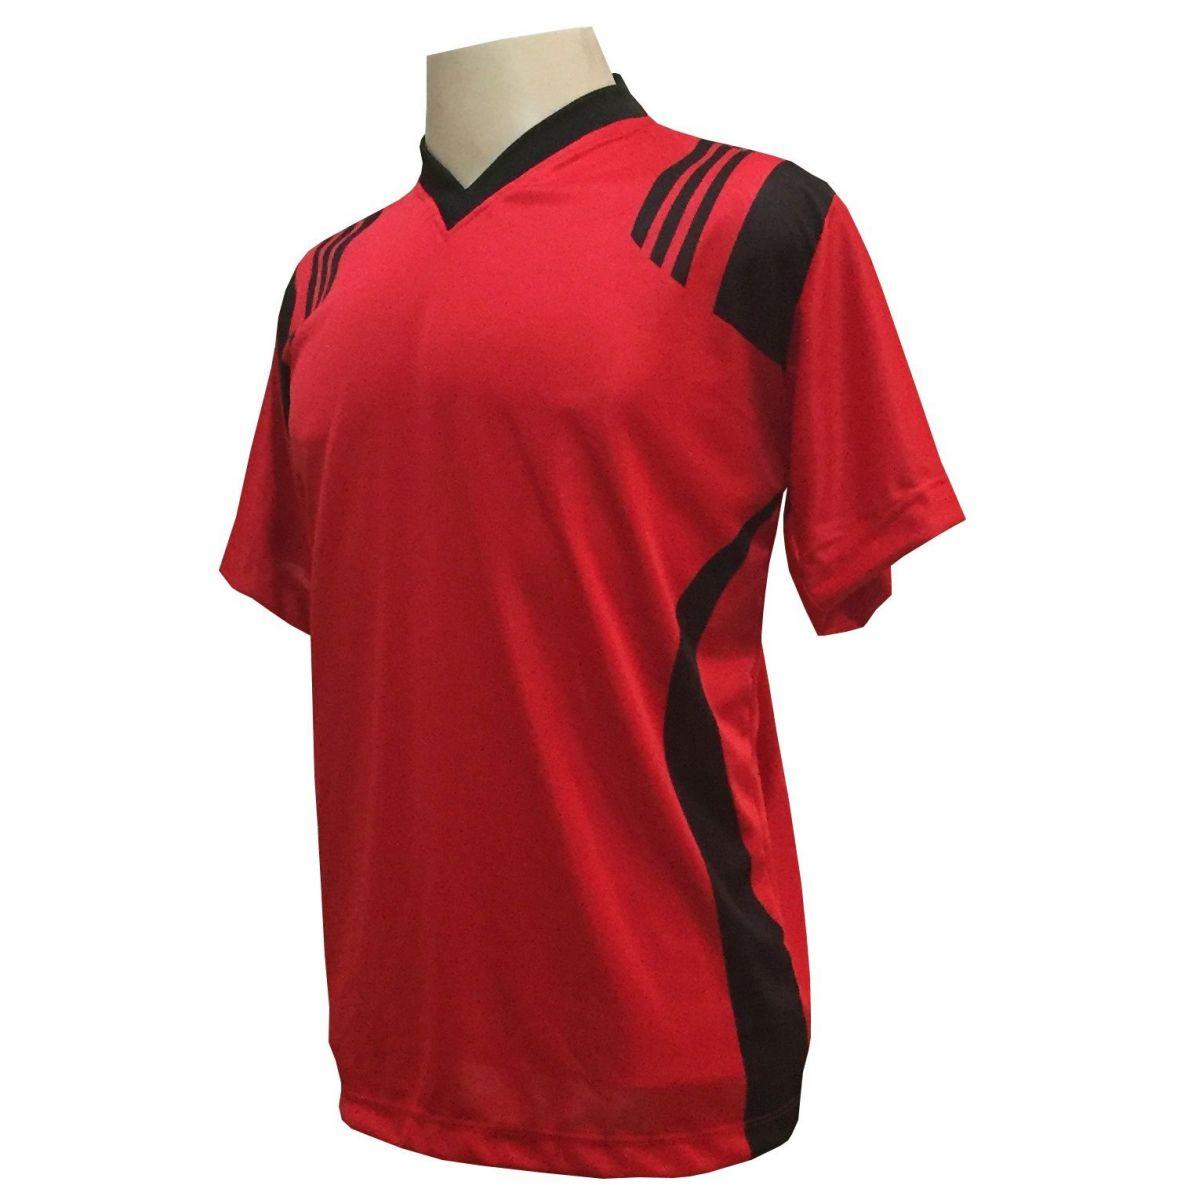 Uniforme Esportivo com 12 Camisas modelo Roma Vermelho/Preto + 12 Calções modelo Madrid Preto